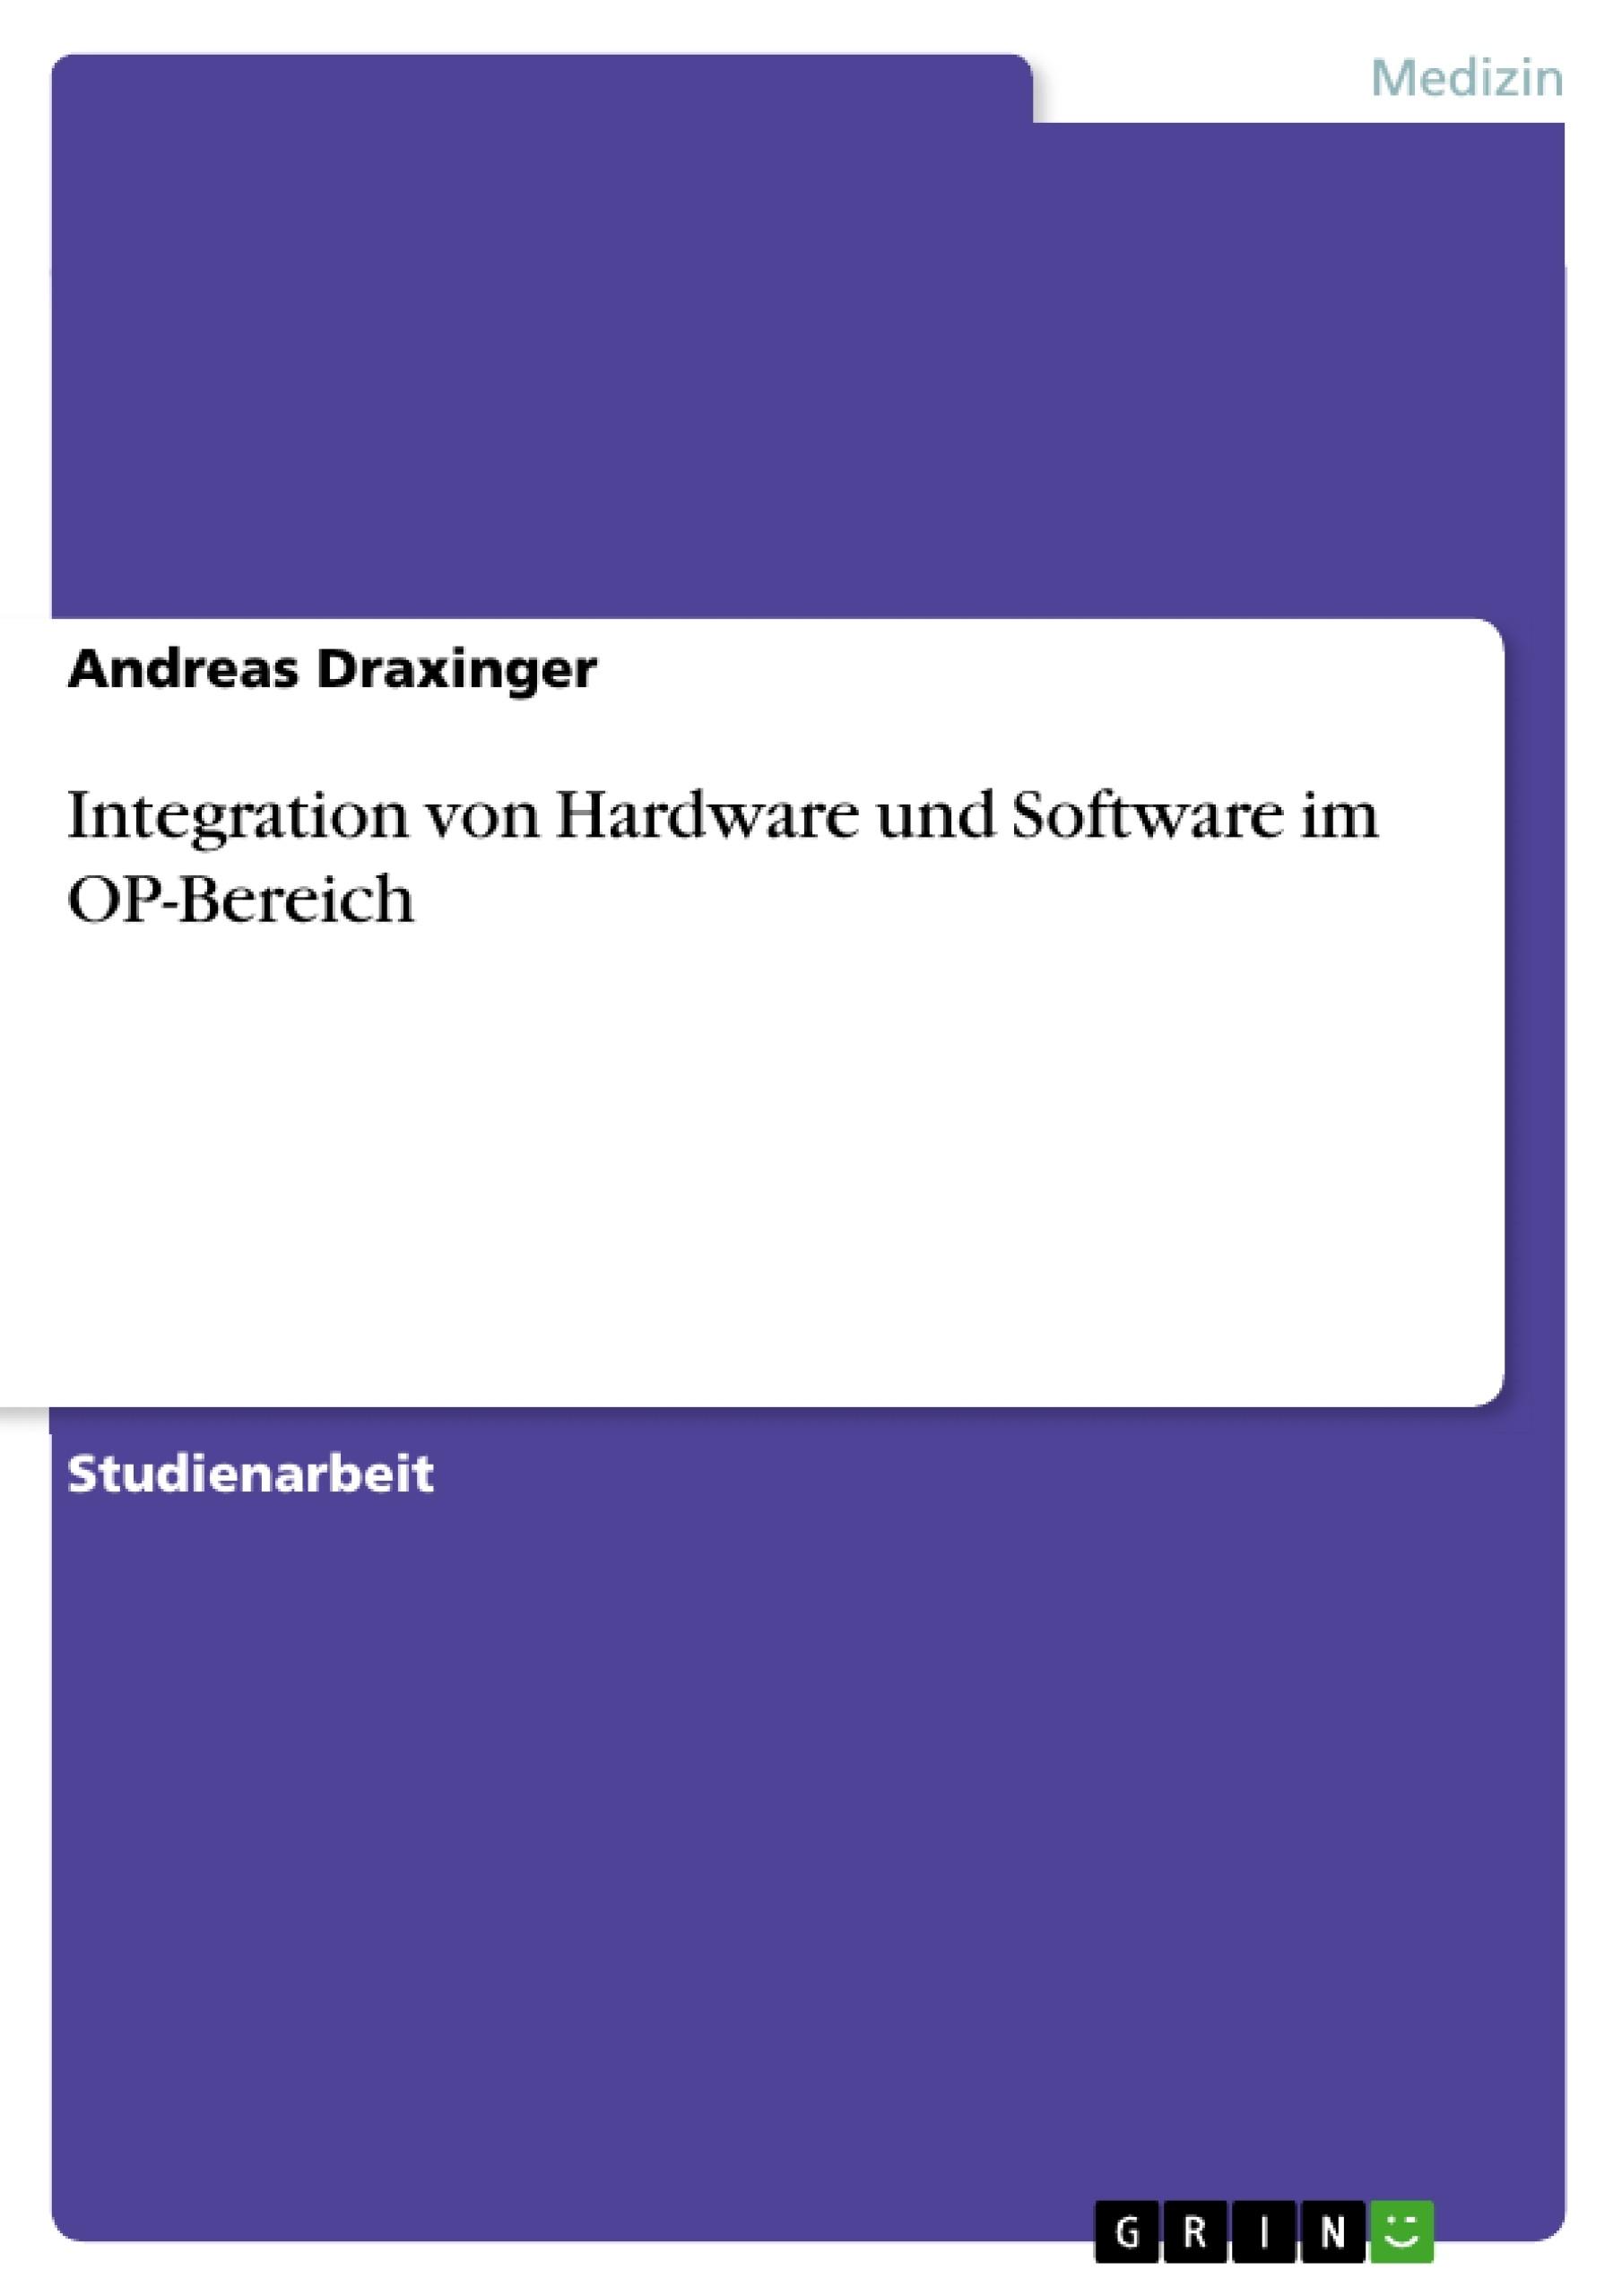 Titel: Integration von Hardware und Software im OP-Bereich